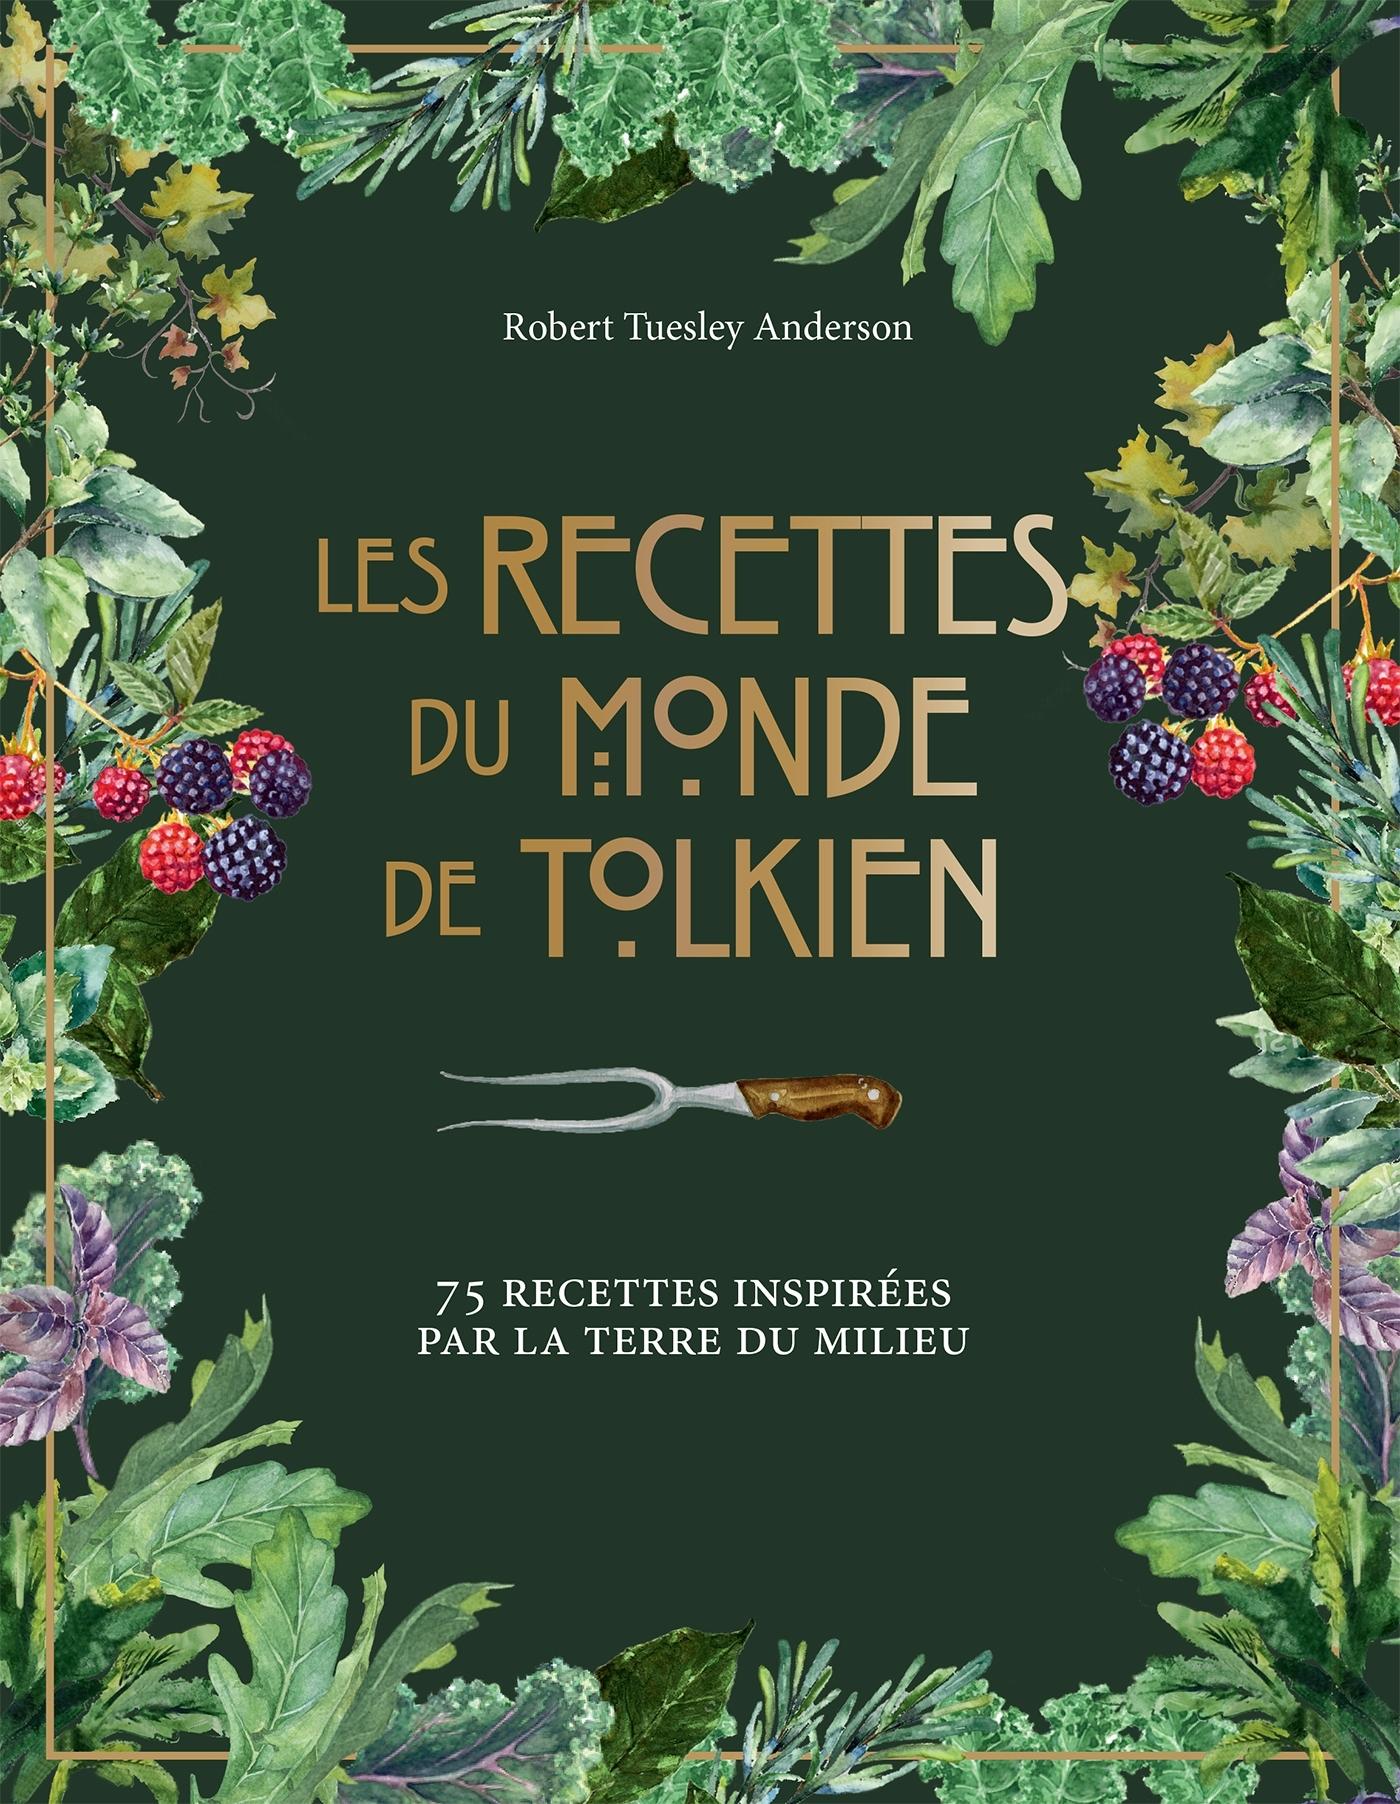 LES RECETTES DU MONDE DE TOLKIEN - 75 RECETTES INSPIREES PAR LA TERRE DU MILIEU